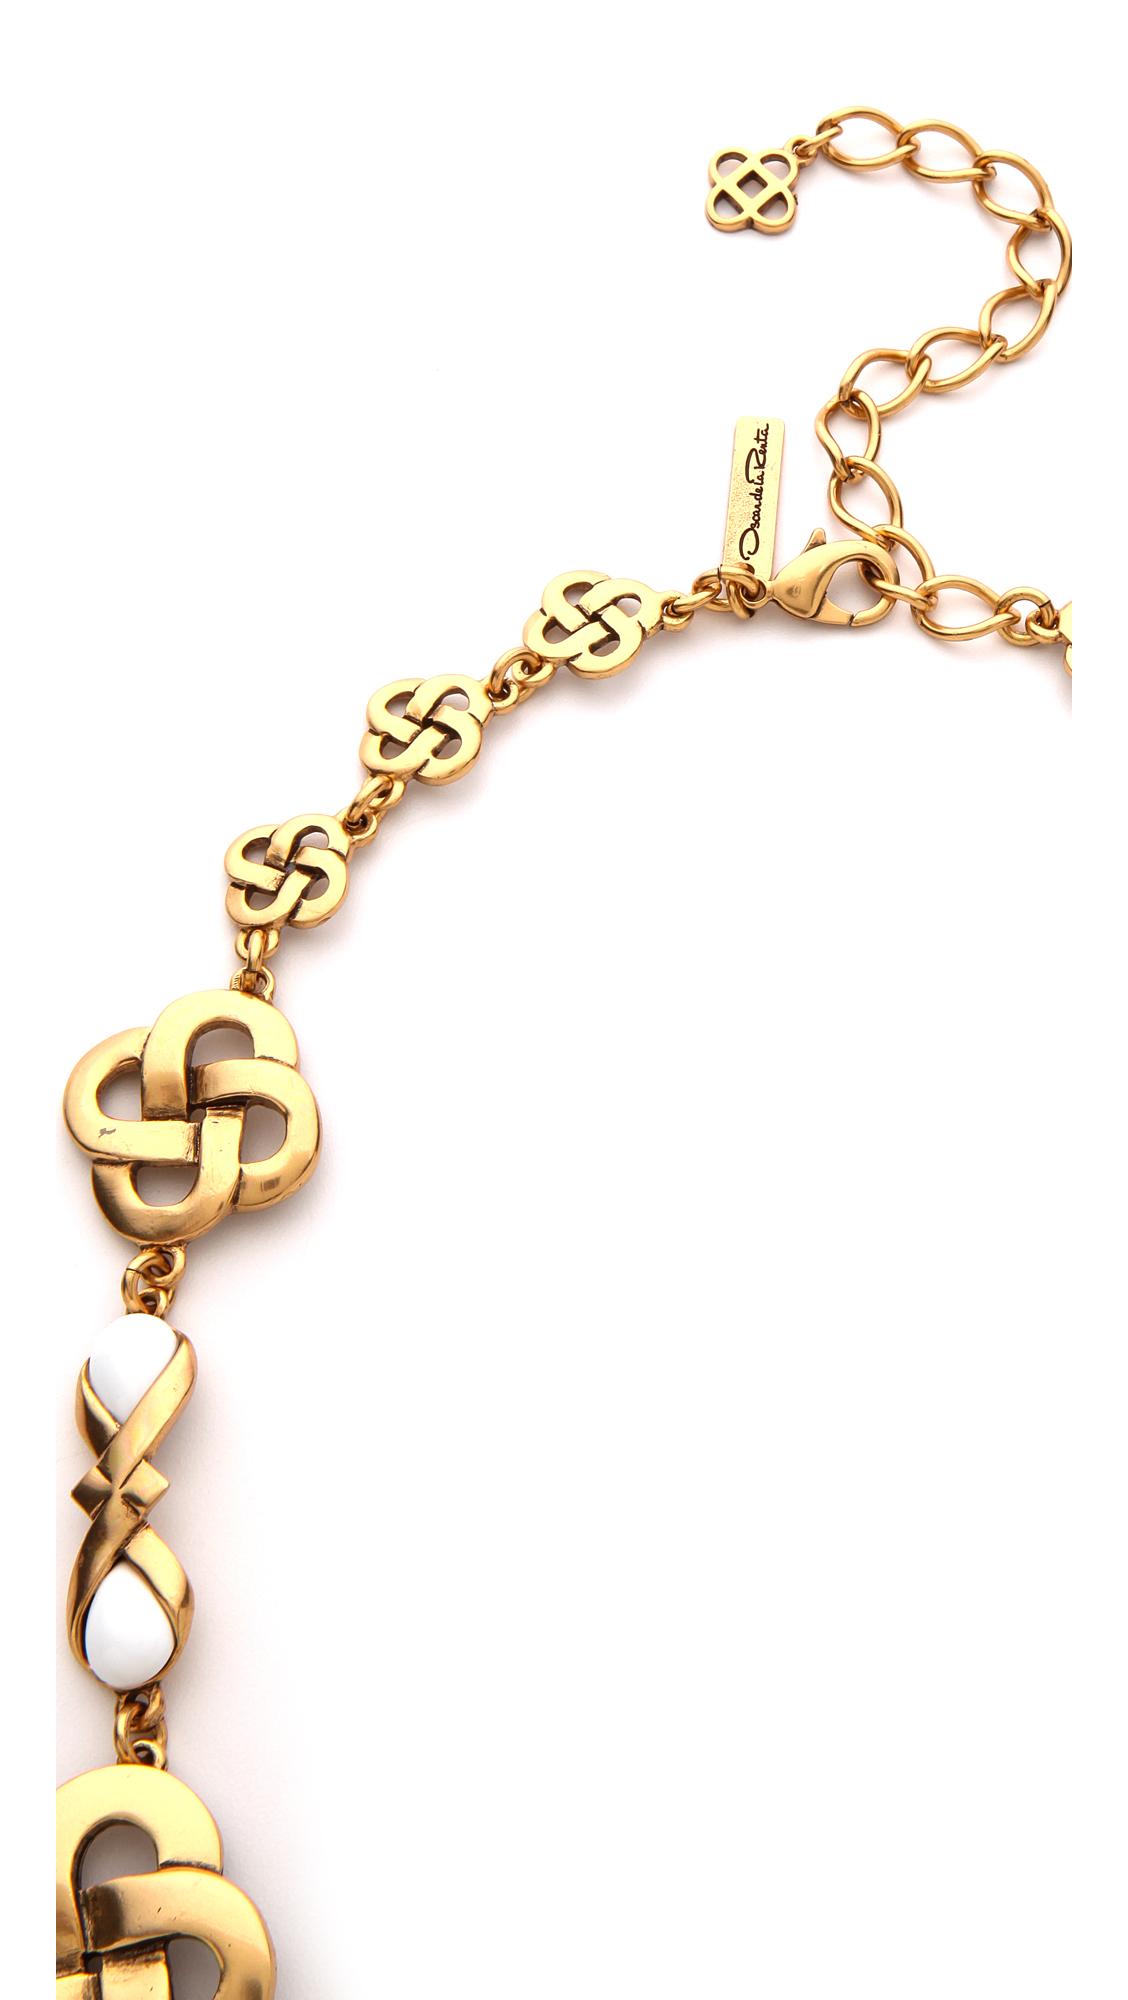 Oscar de la Renta Mosaico Necklace in Black White (Metallic)